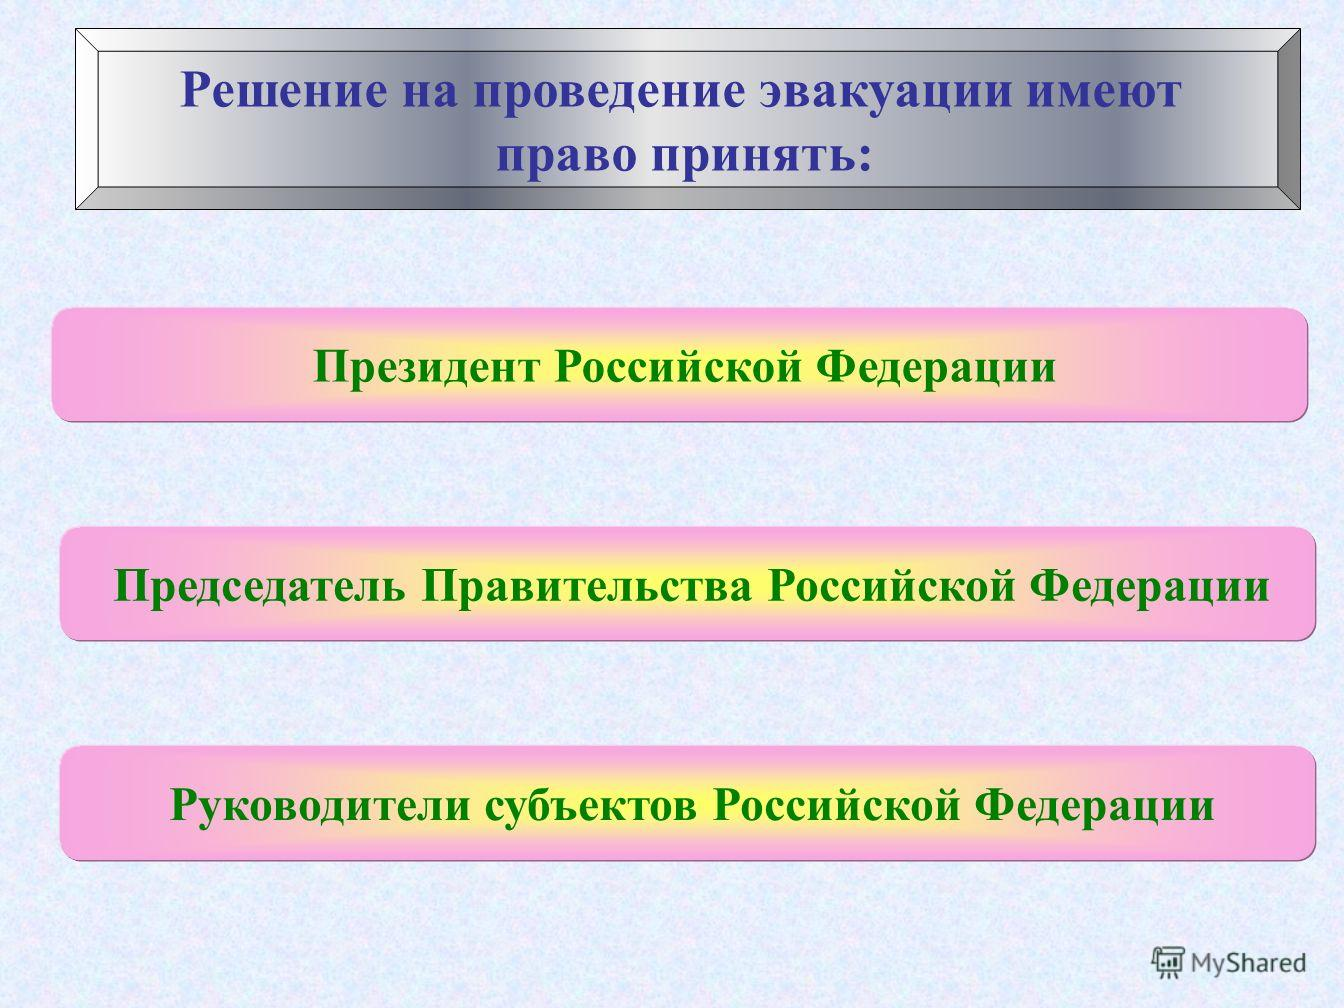 Решение на проведение эвакуации имеют право принять: Президент Российской Федерации Председатель Правительства Российской Федерации Руководители субъектов Российской Федерации